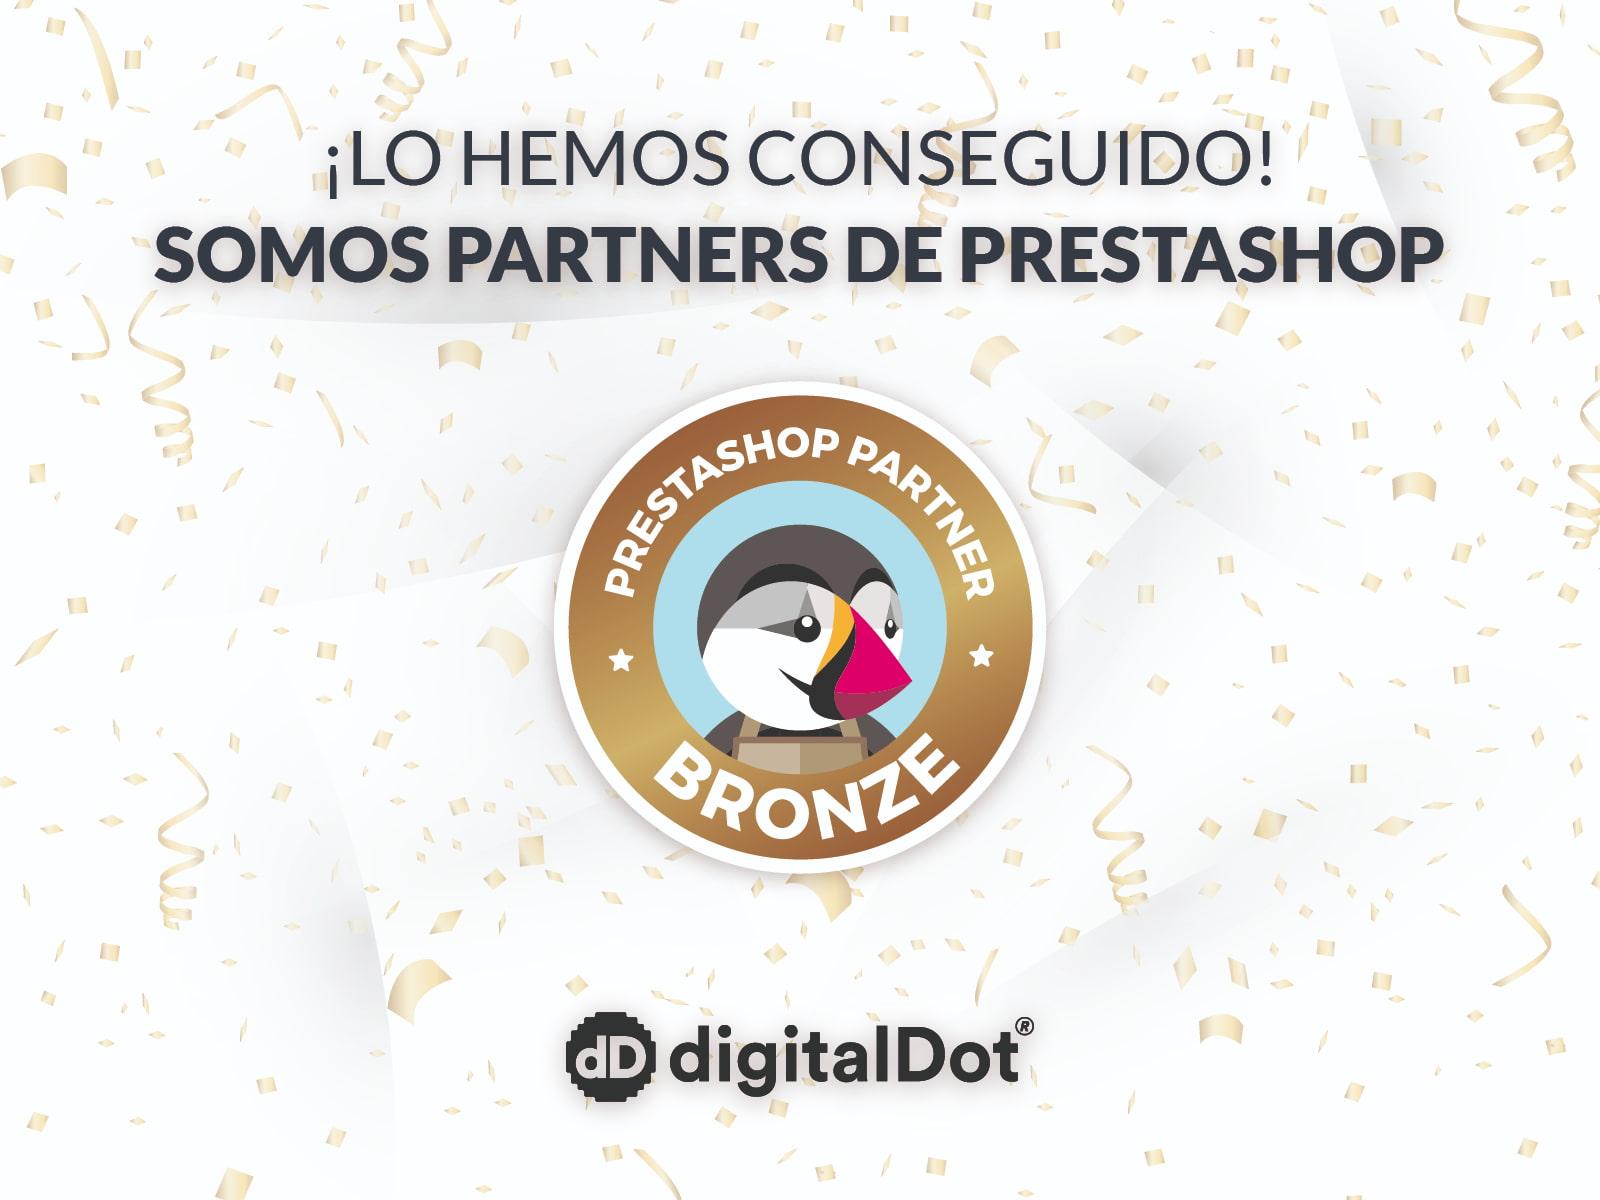 digitalDot. Agencia de diseño web Partner de Prestashop